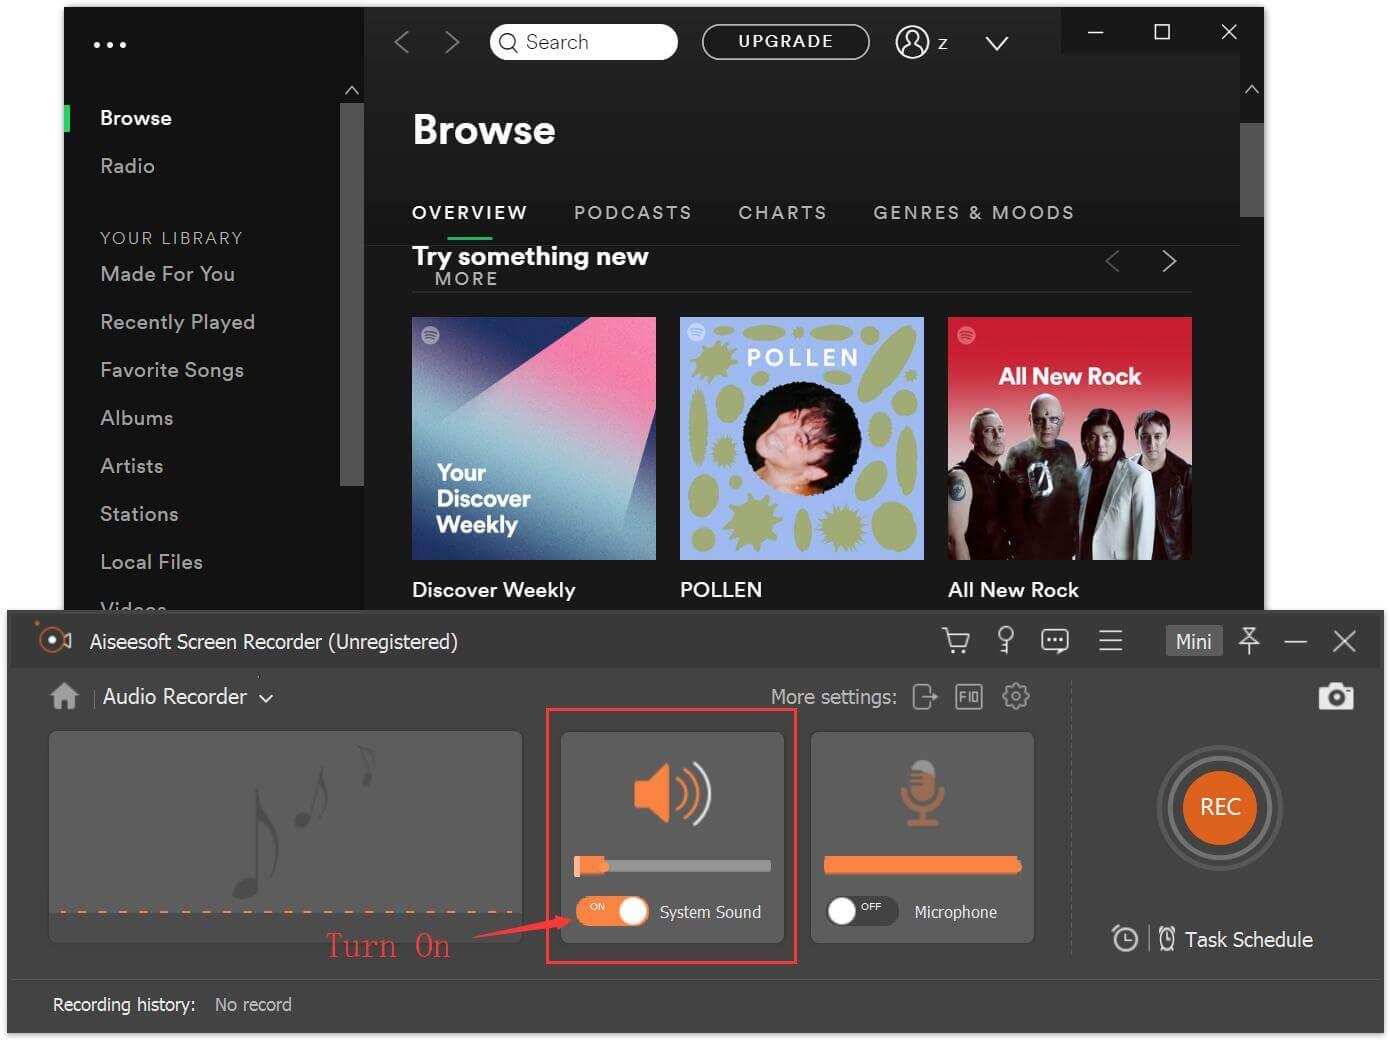 UkeySoft Audio Recorder